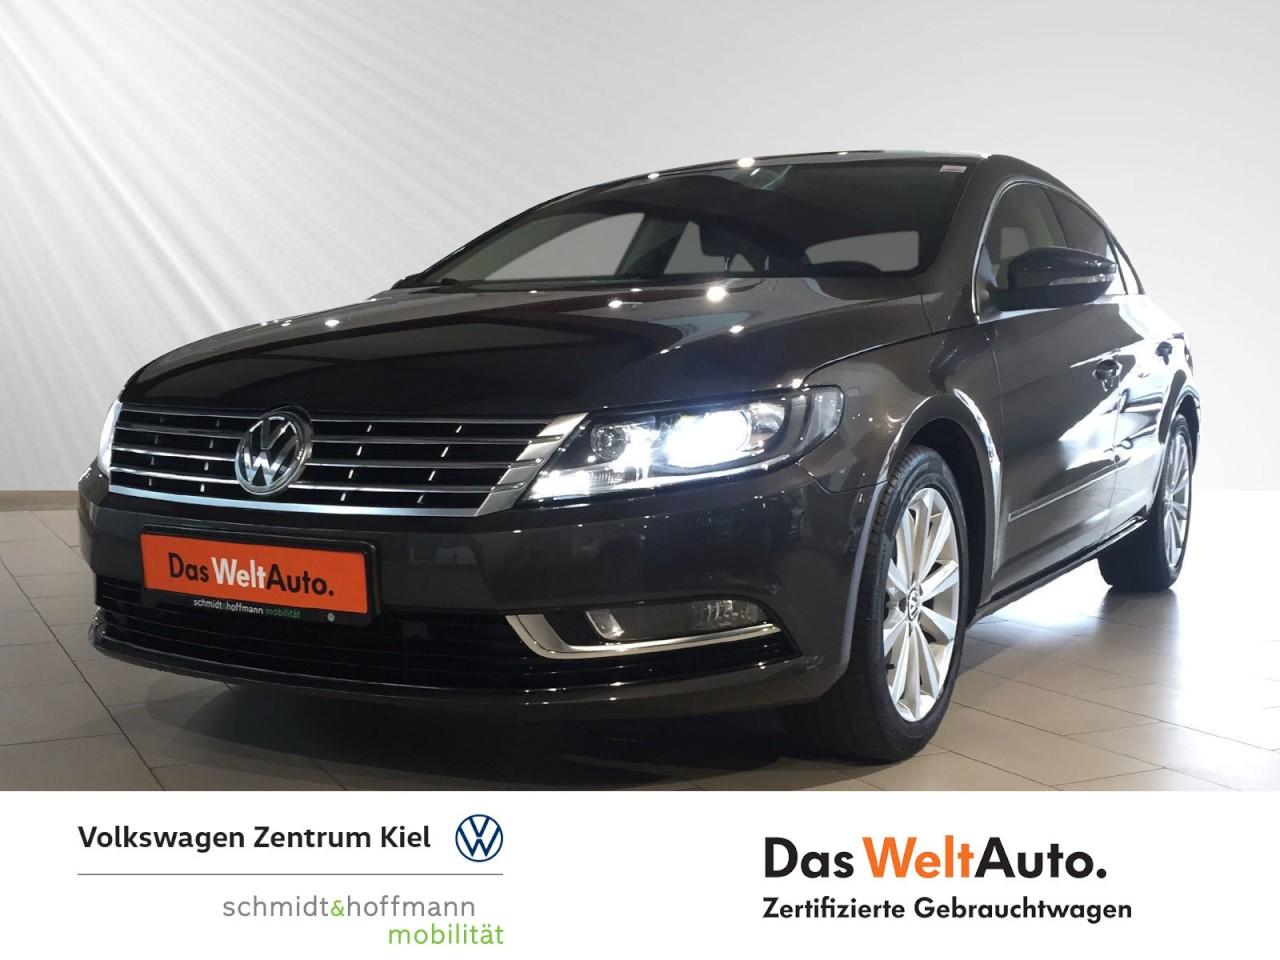 Volkswagen CC 1.4 TSI KLIMA+NAVI+XENON+PDC+TEMPOMAT+SITZHZ, Jahr 2016, Benzin